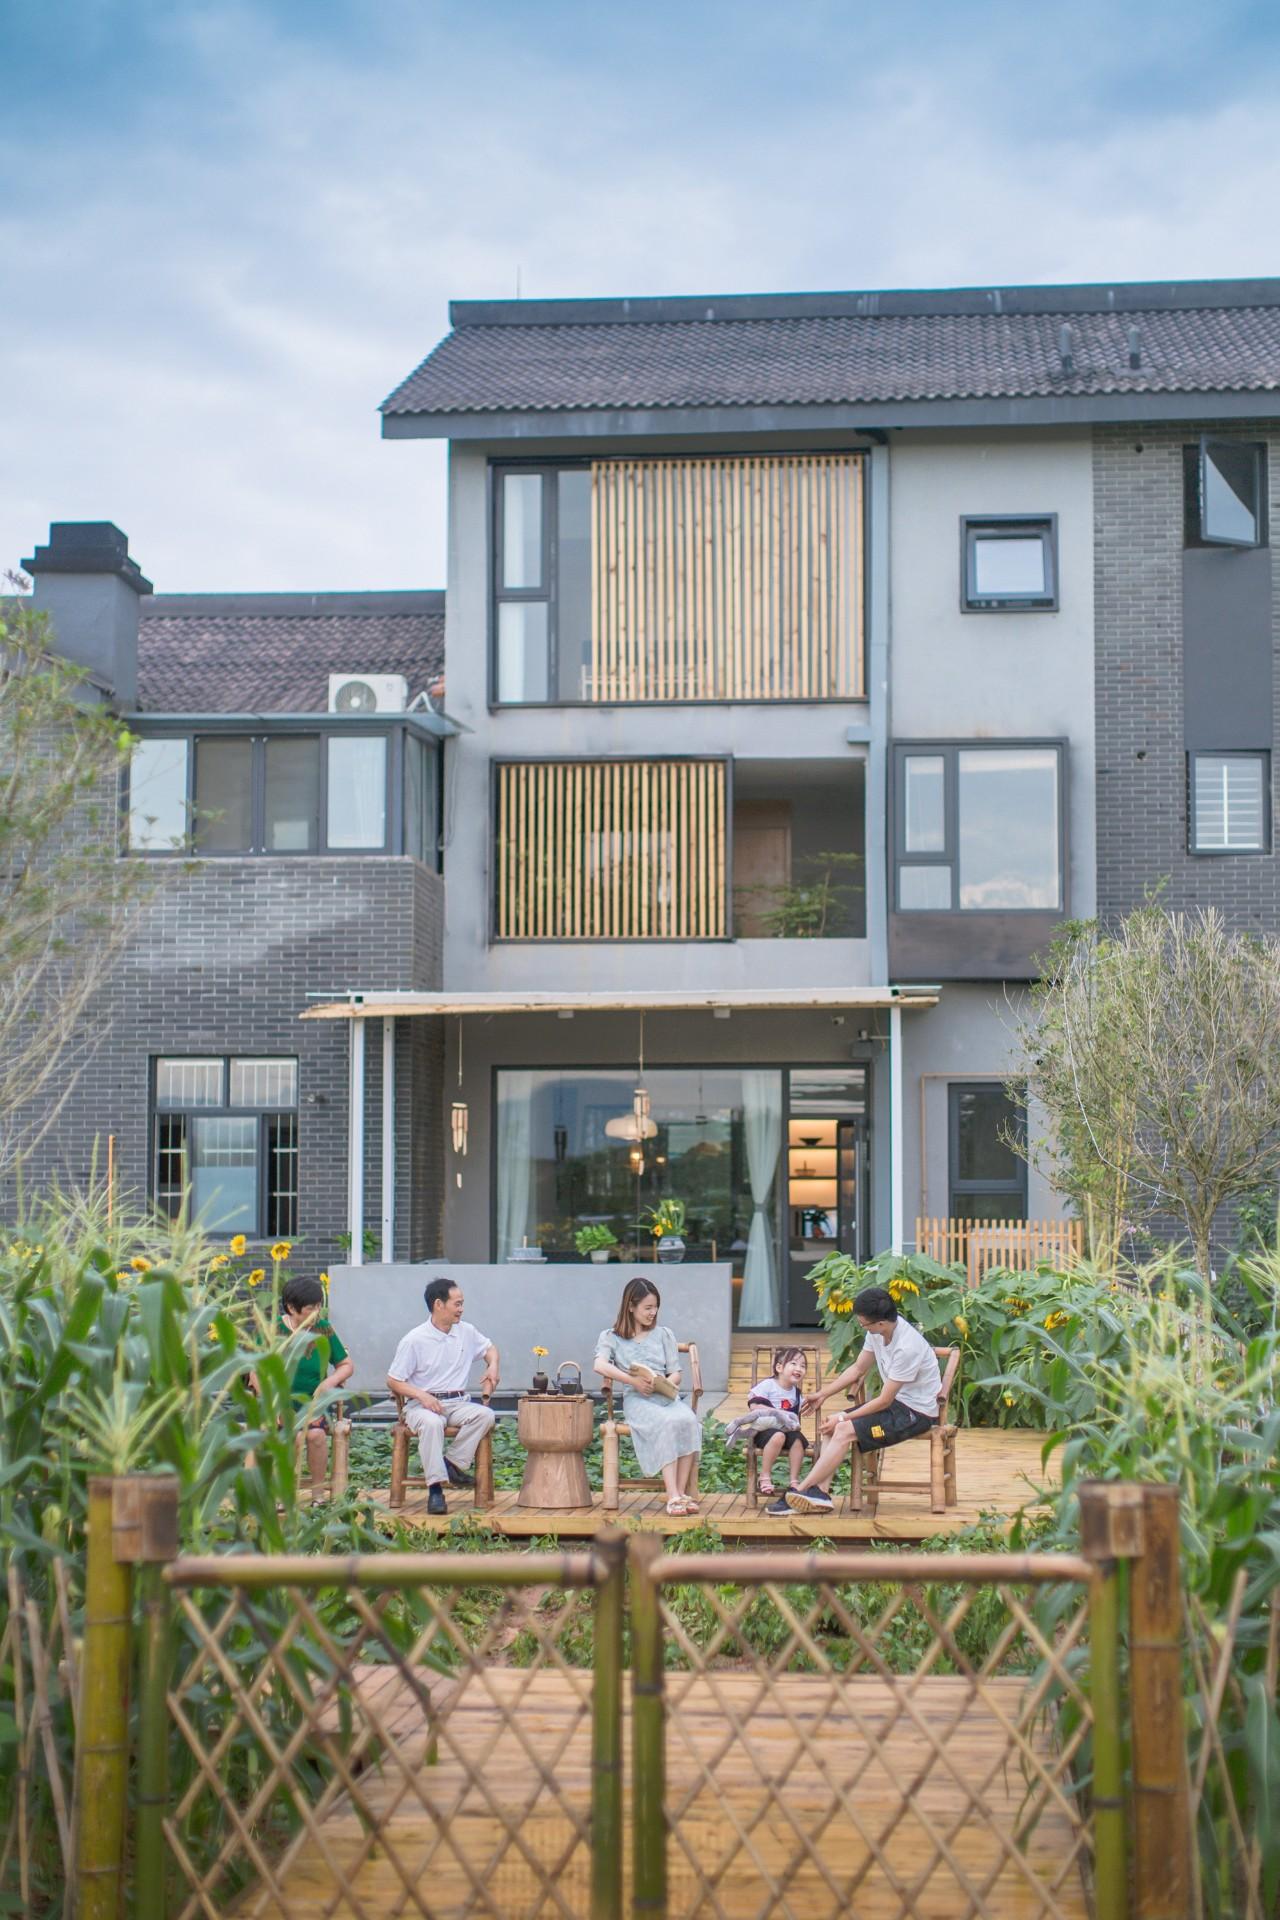 成都五把椅子,一处院落半亩菜园,这才是生活该有的样子